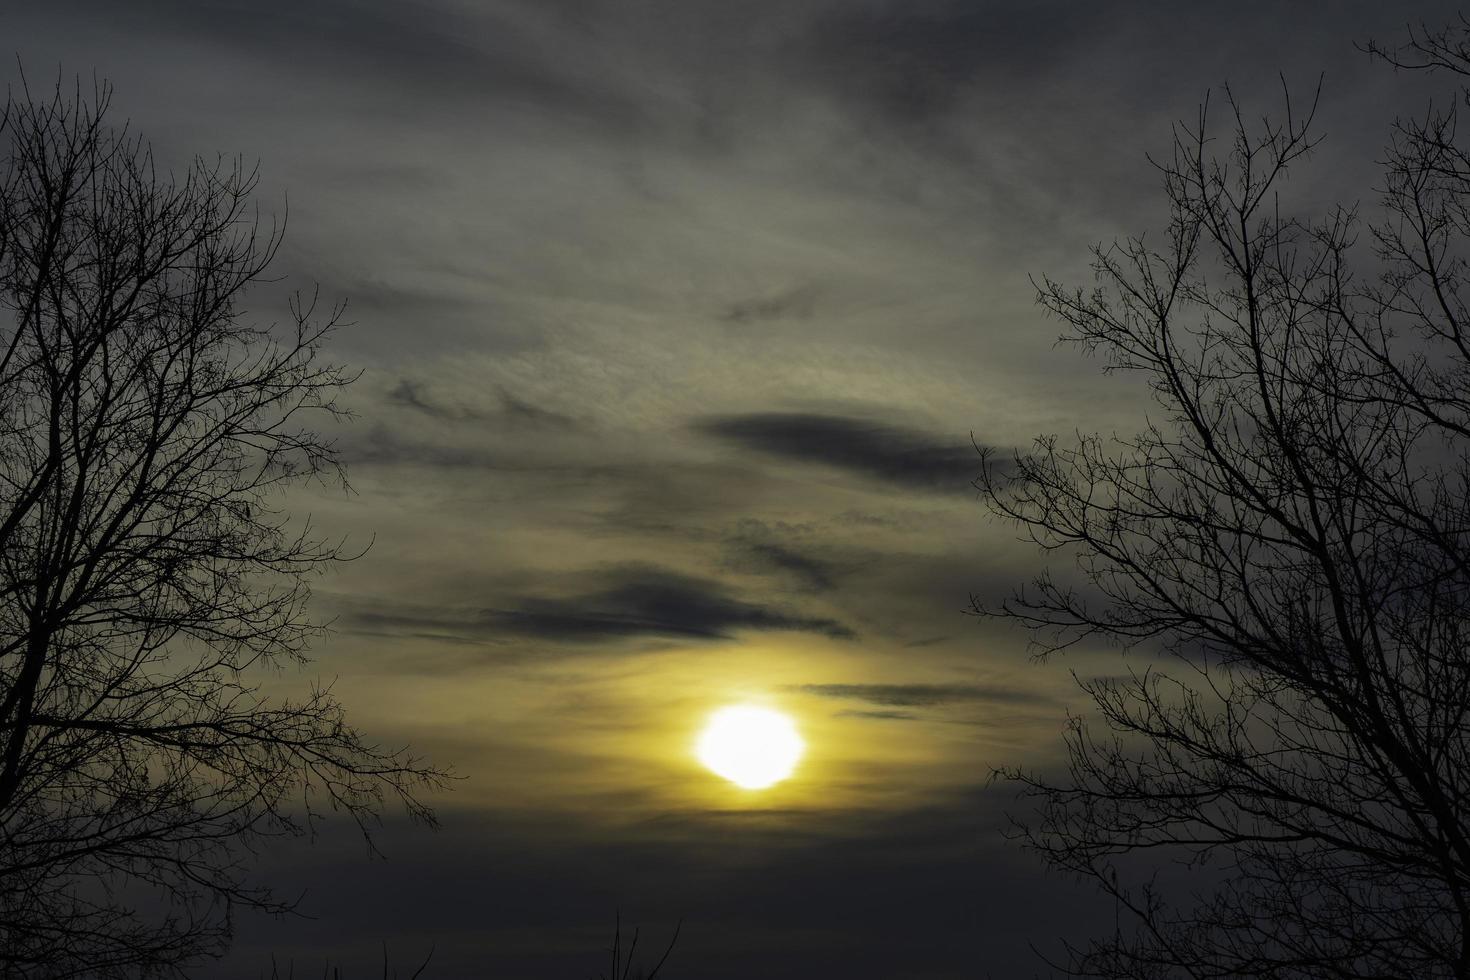 il sole nell'ovatta foto